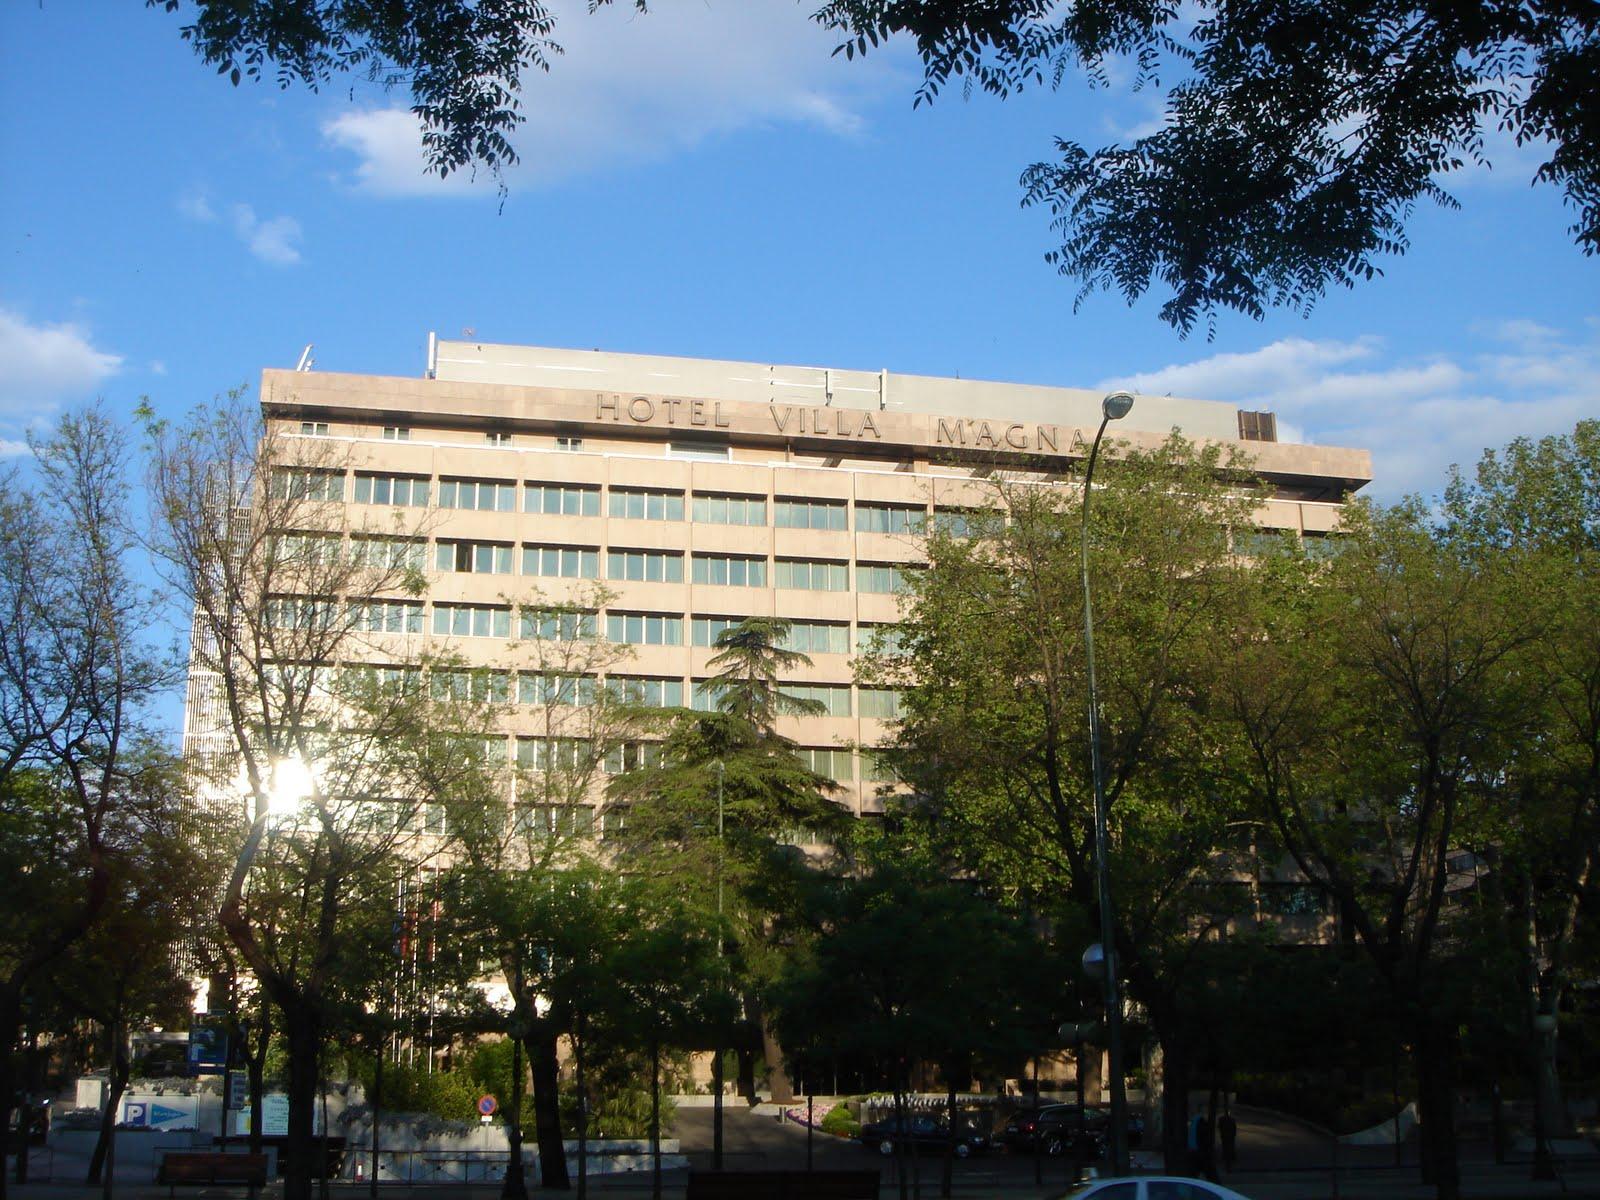 Historia y genealog a el palacio del duque de anglada - Hotel villamagna en madrid ...